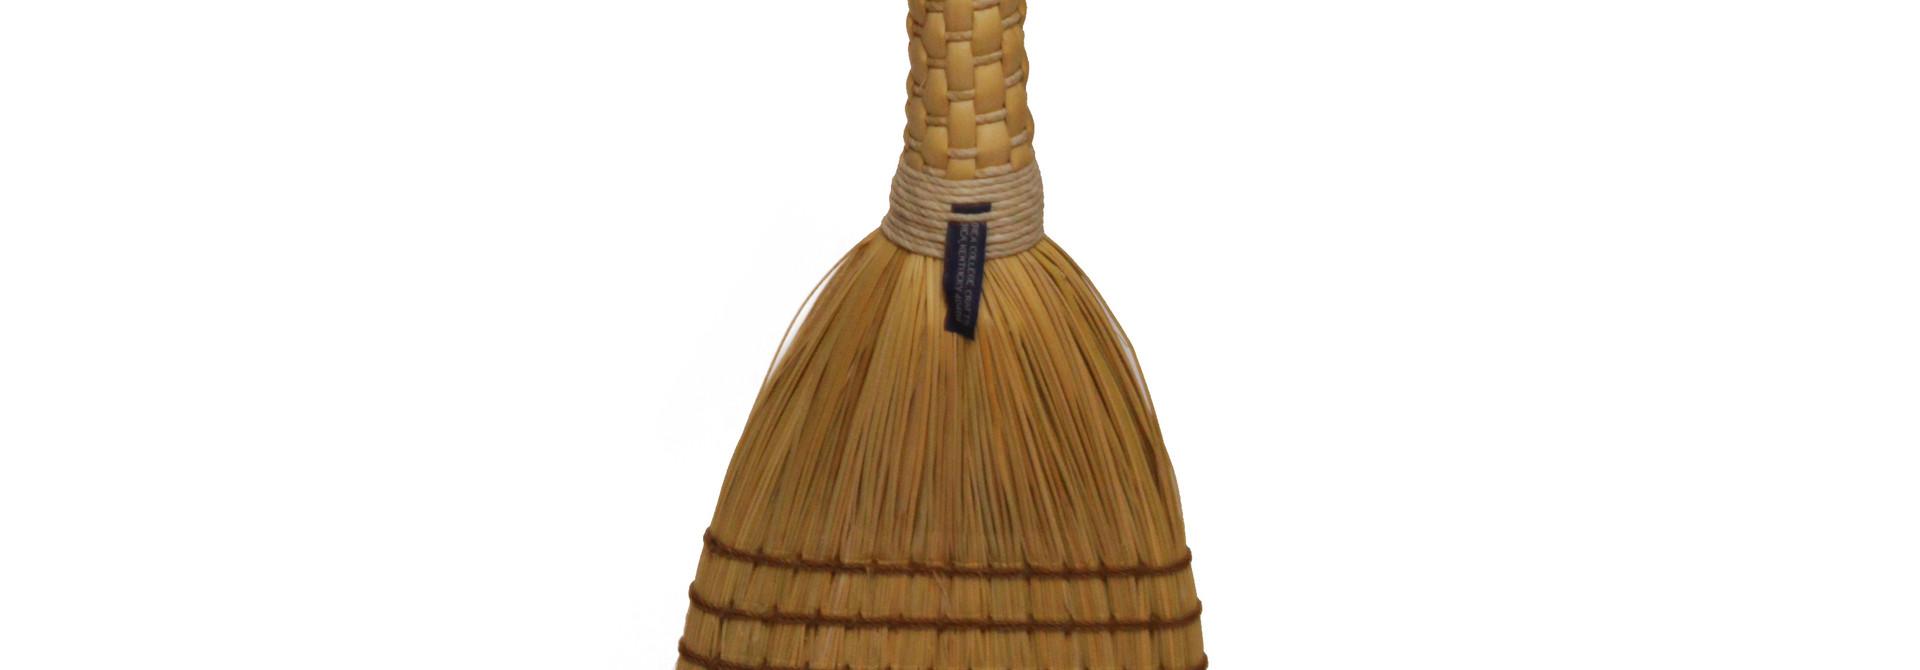 Shaker Braid Broom - Natural Handle